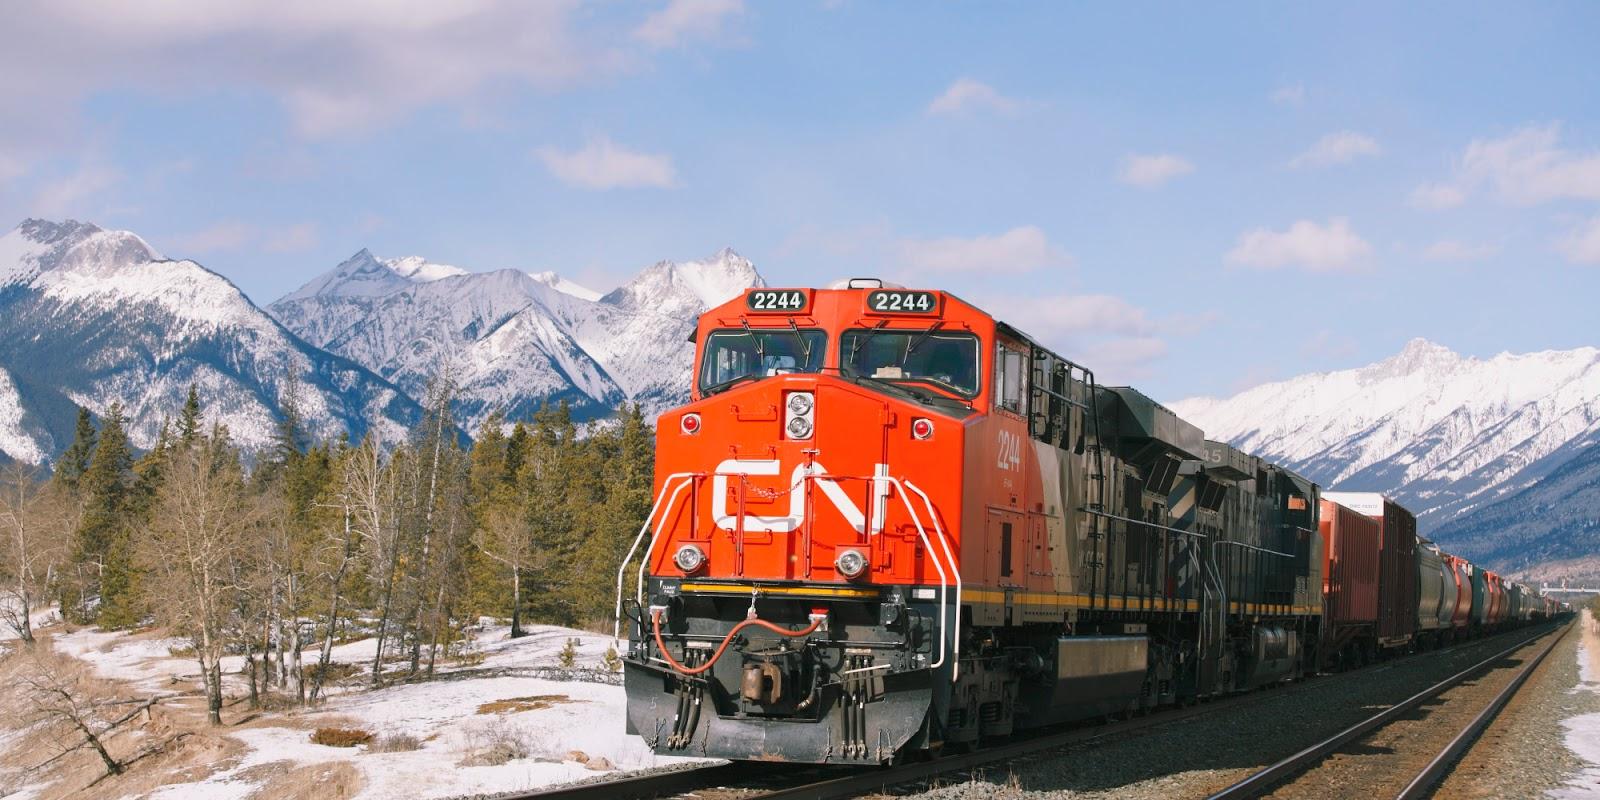 Gambar Kereta Api Lengkap